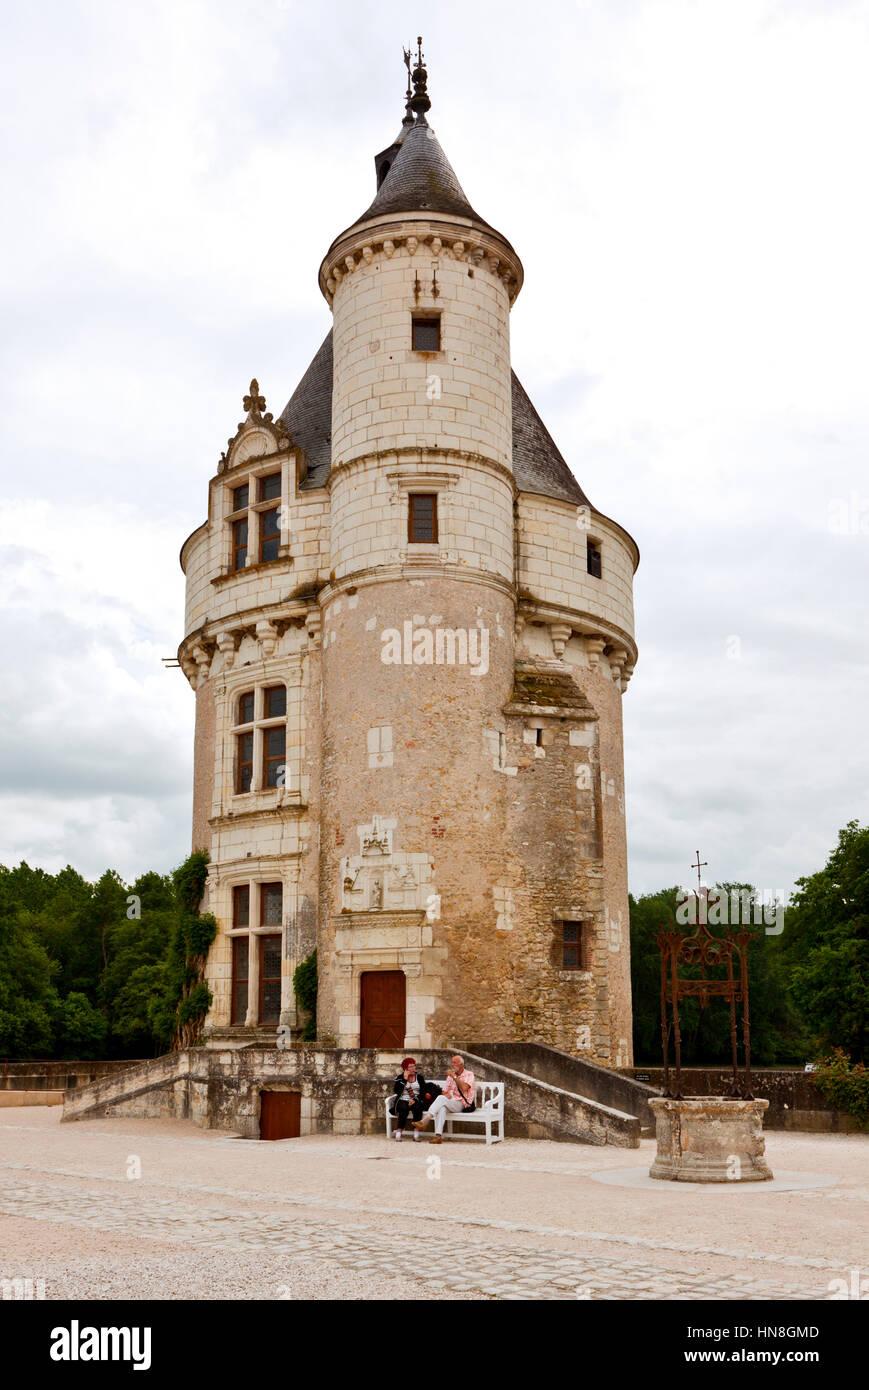 Chenonceau, Francia - Junio 5, 2010: El Marqués torre enfrente del agua castillo Chateau Chenonceau en el Valle Imagen De Stock